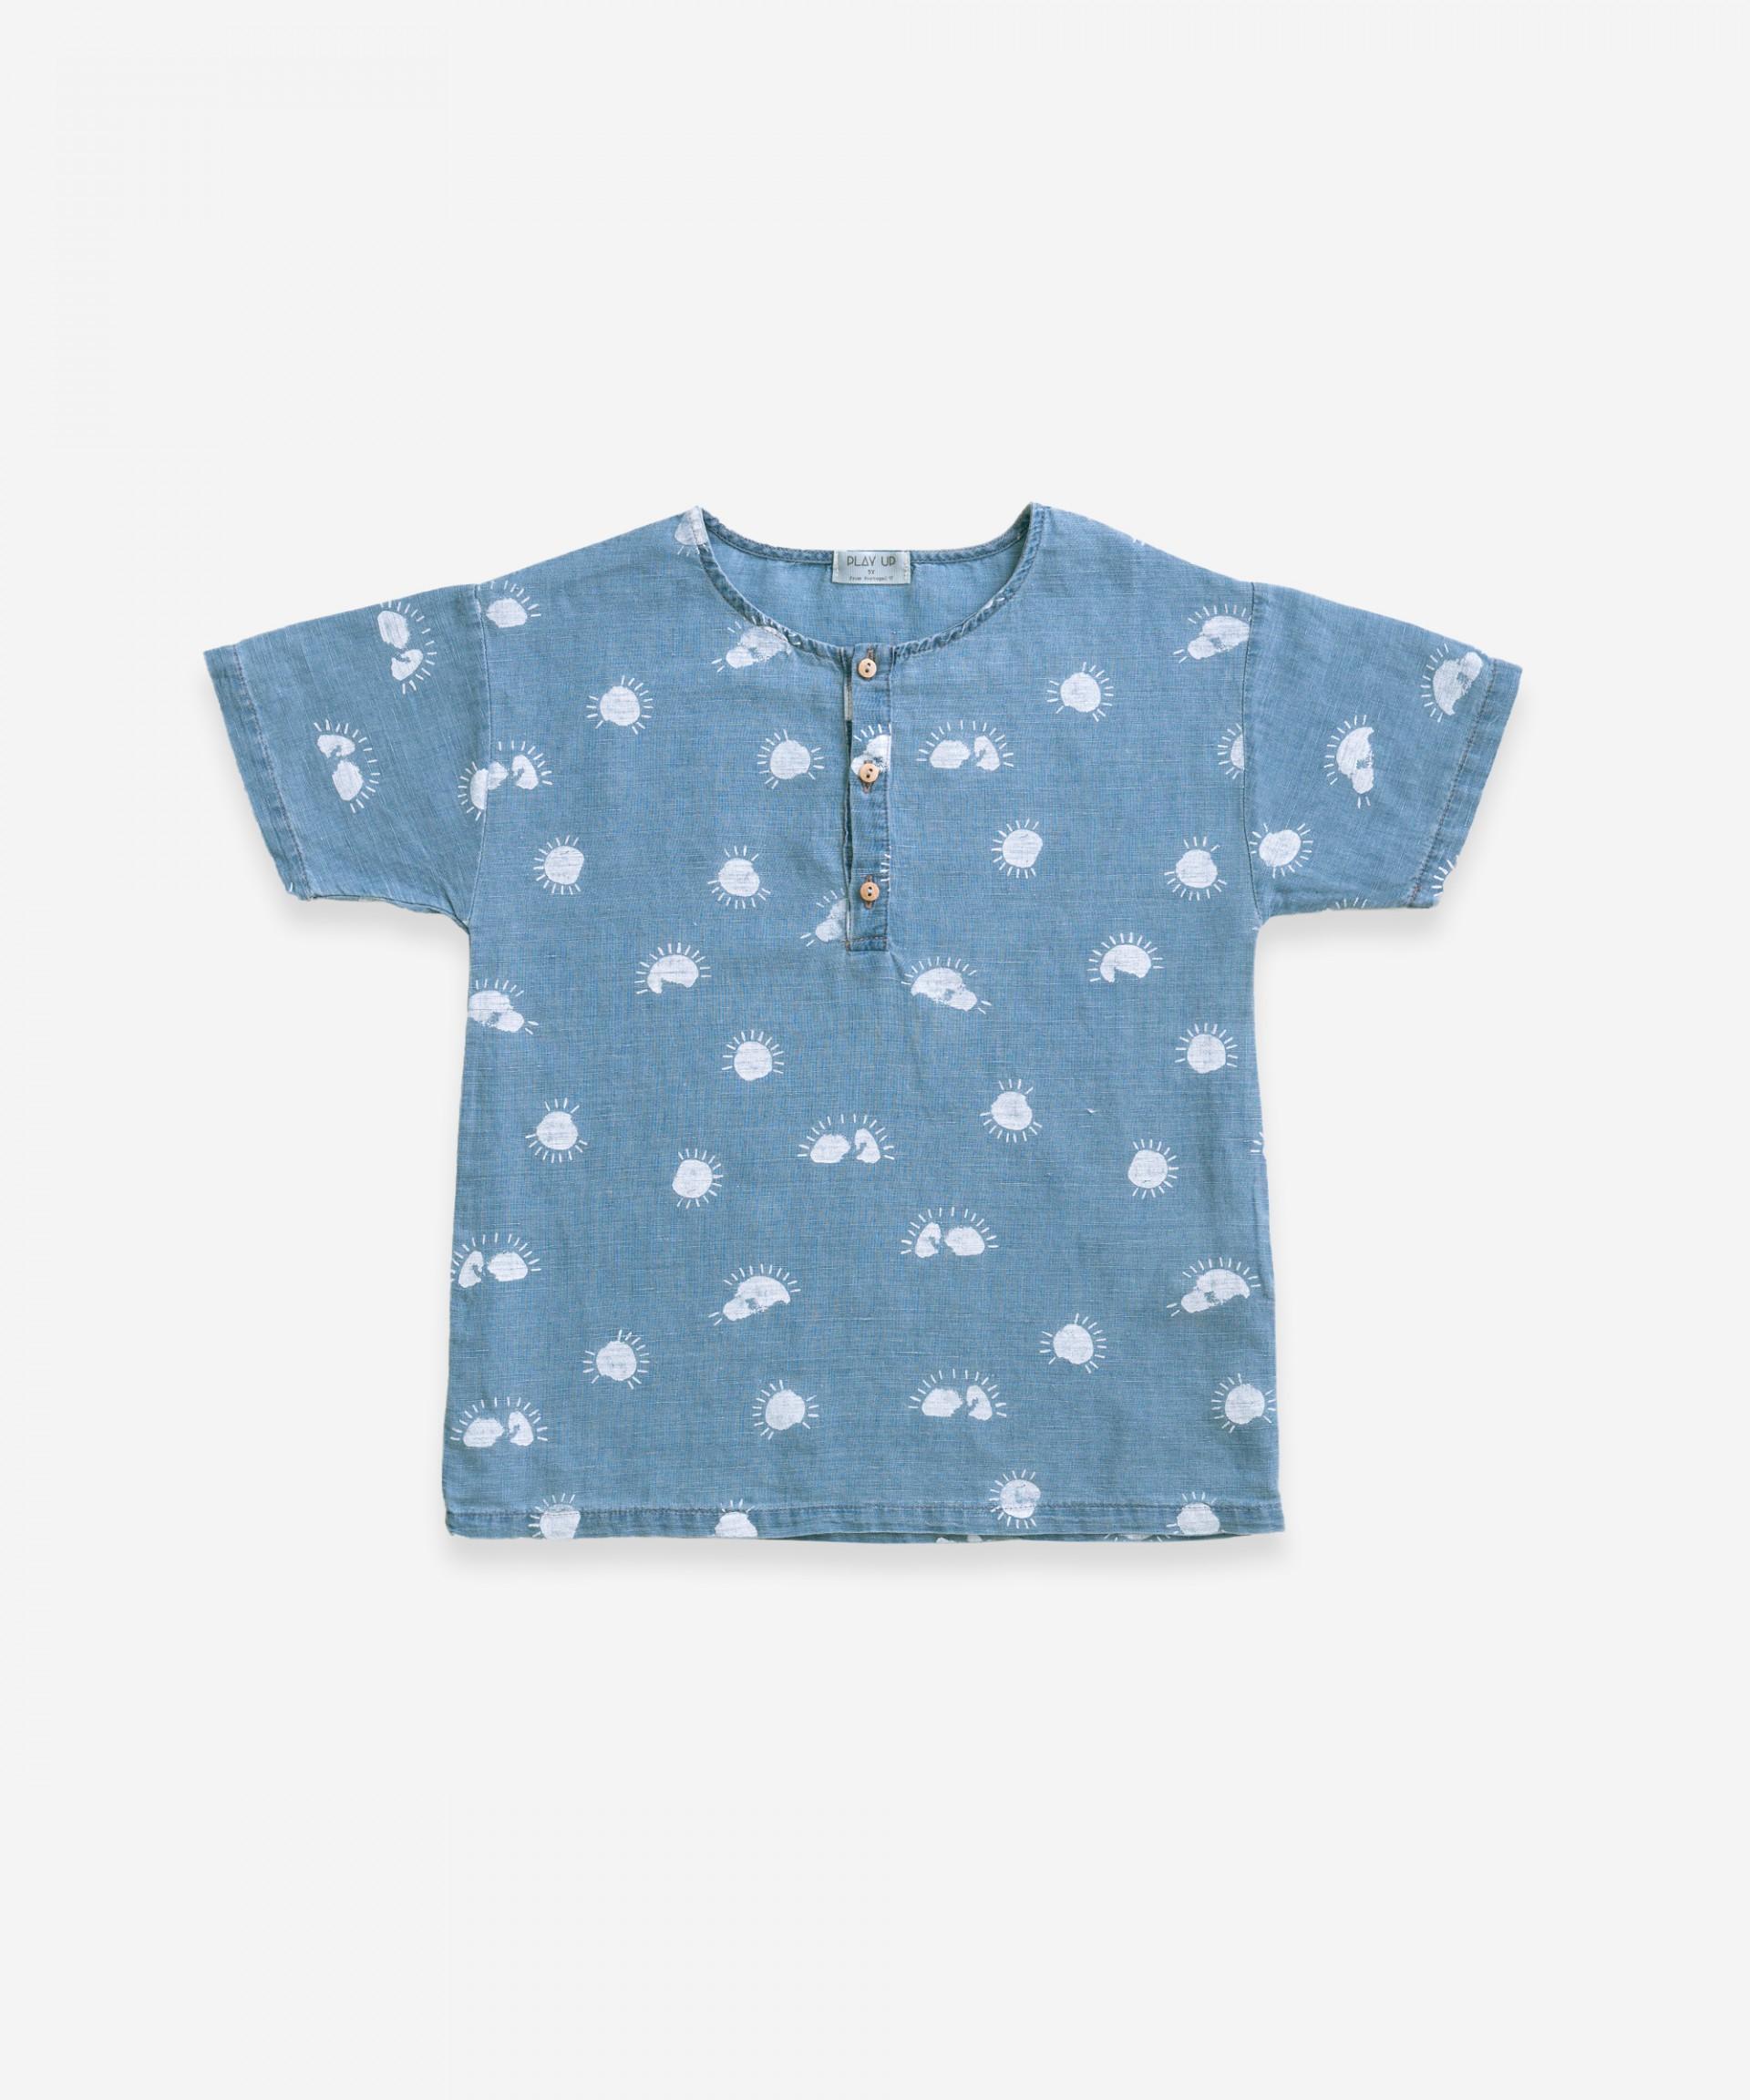 Linen shirt with print | Weaving